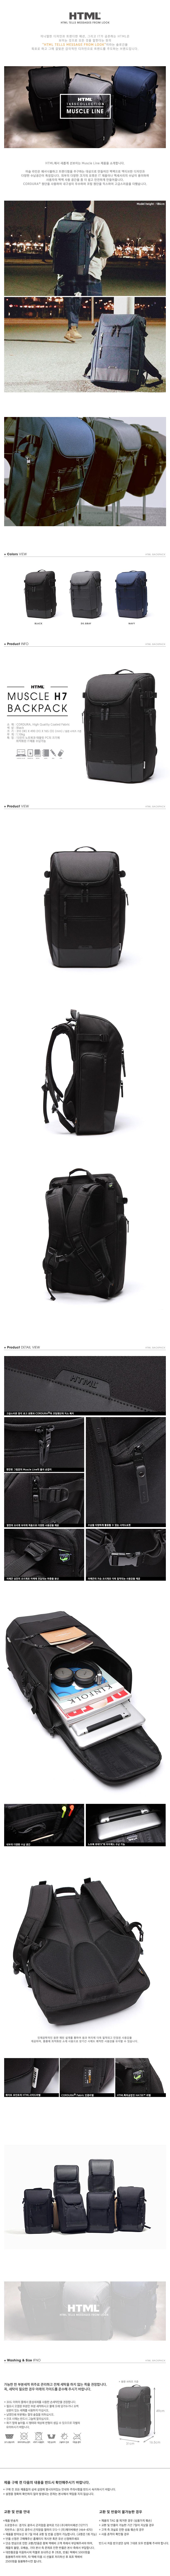 [에이치티엠엘]HTML - Muscle H7 Backpack (BLACK) 머슬 백팩 신학기 가방